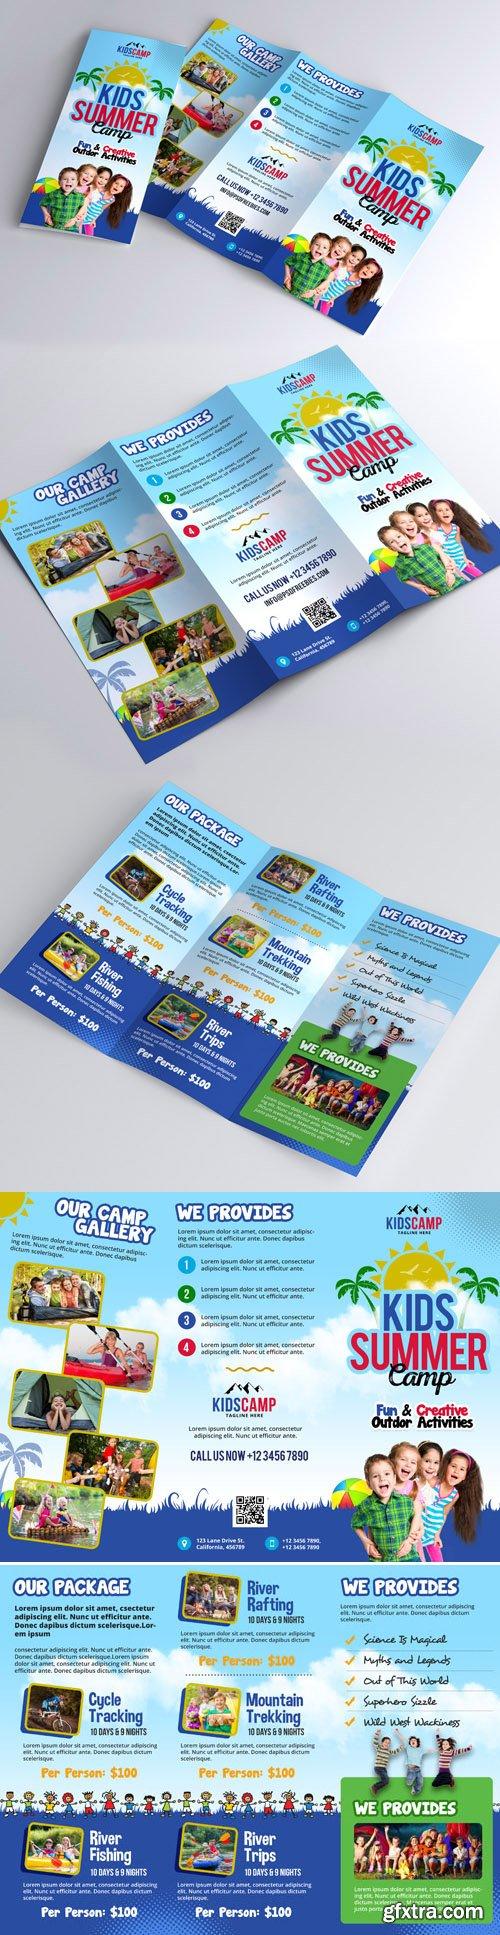 Kids Camp - Summer Trifold Brochure Design PSD Template